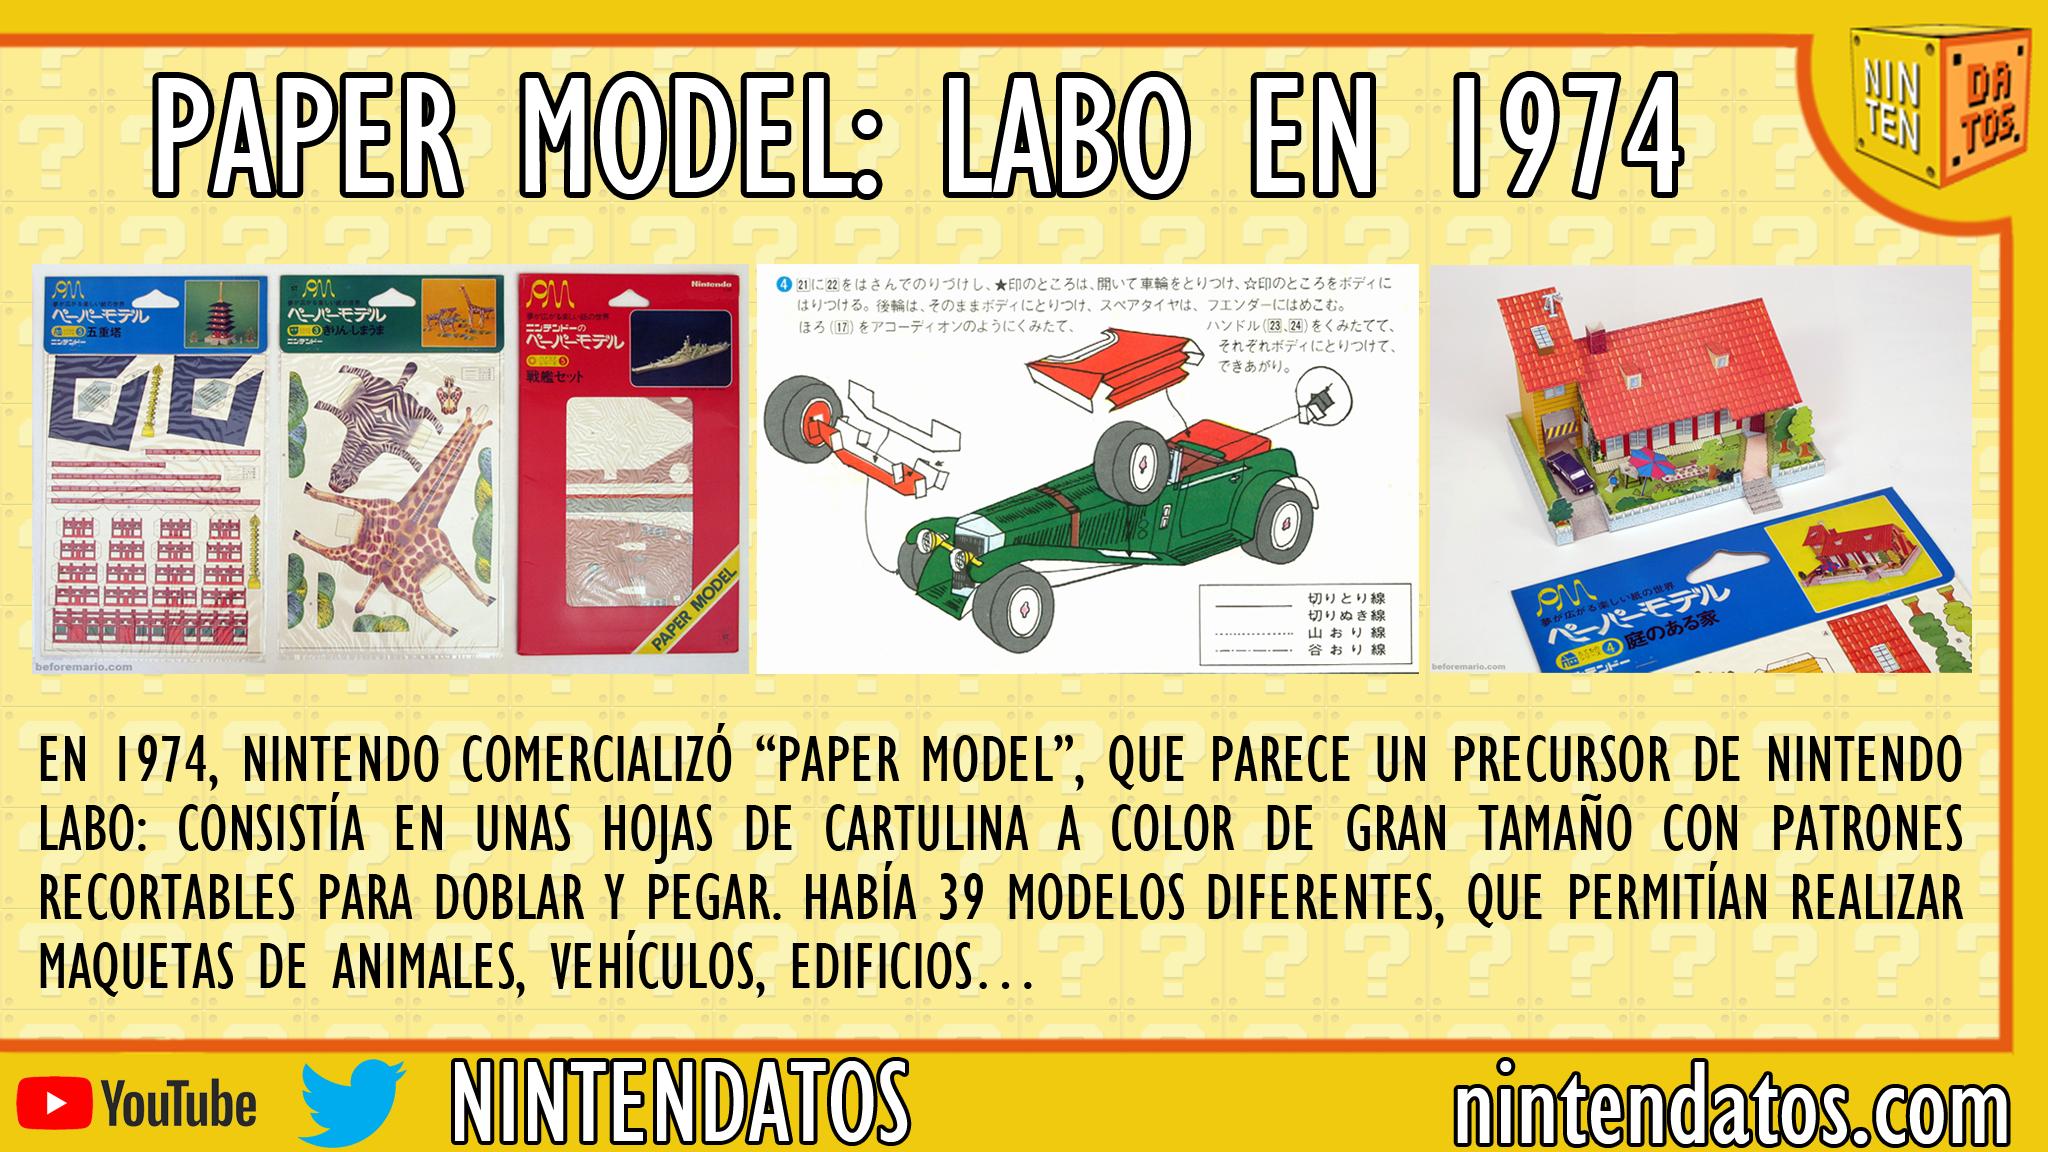 Paper Model - Nintendo Labo en 1974